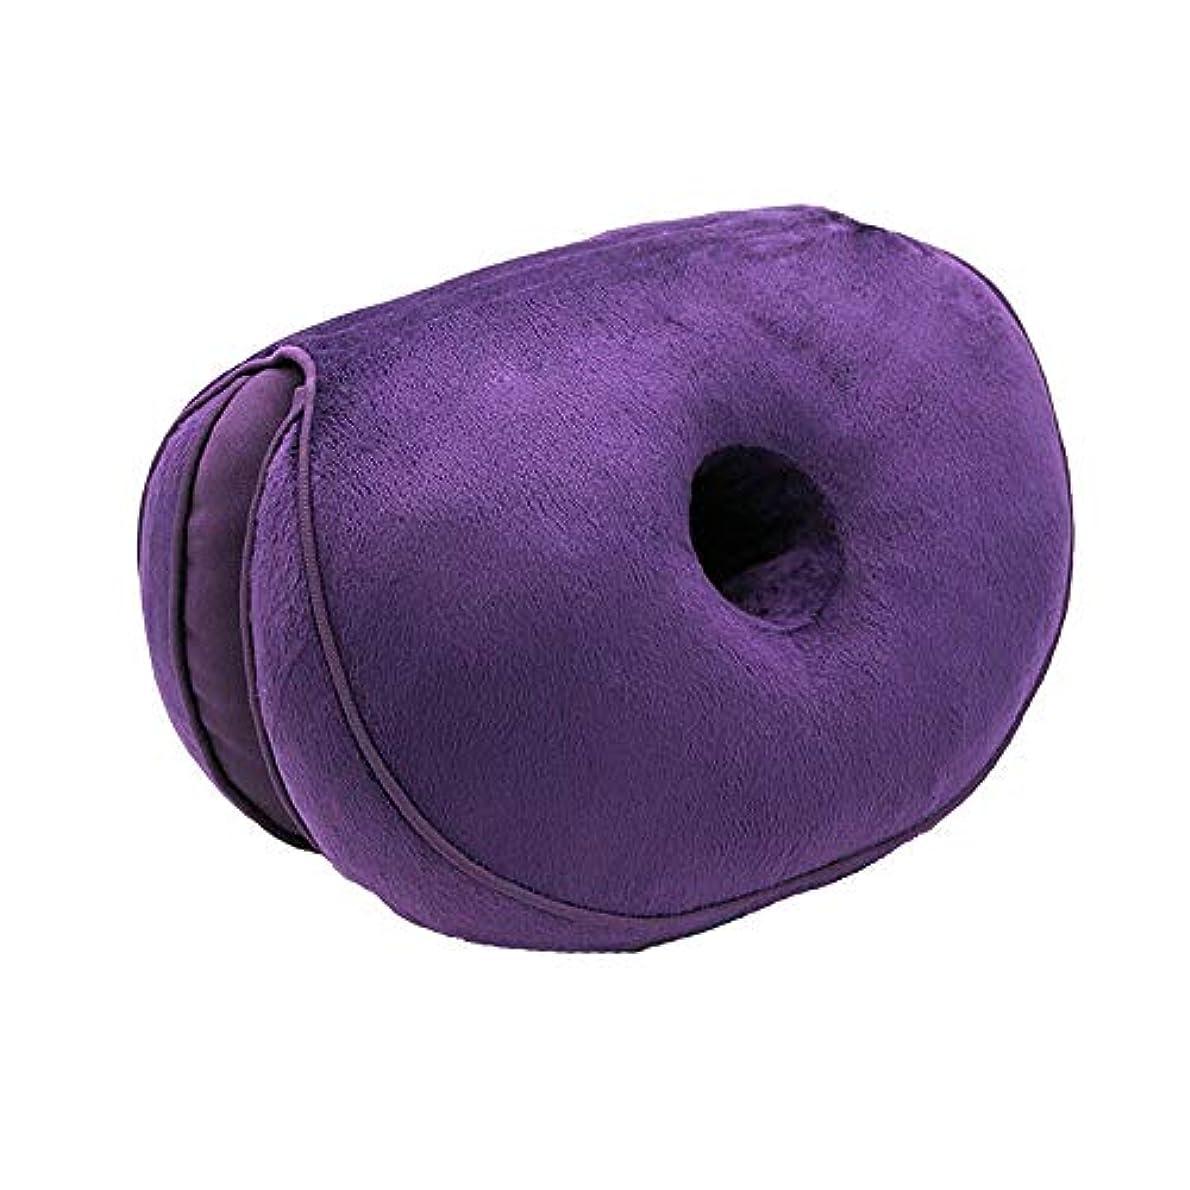 視聴者エレクトロニック検出可能LIFE 新デュアルシートクッション低反発ラテックスオフィスチェアバックシートクッション快適な臀部マットパッド枕旅行枕女性女の子 クッション 椅子